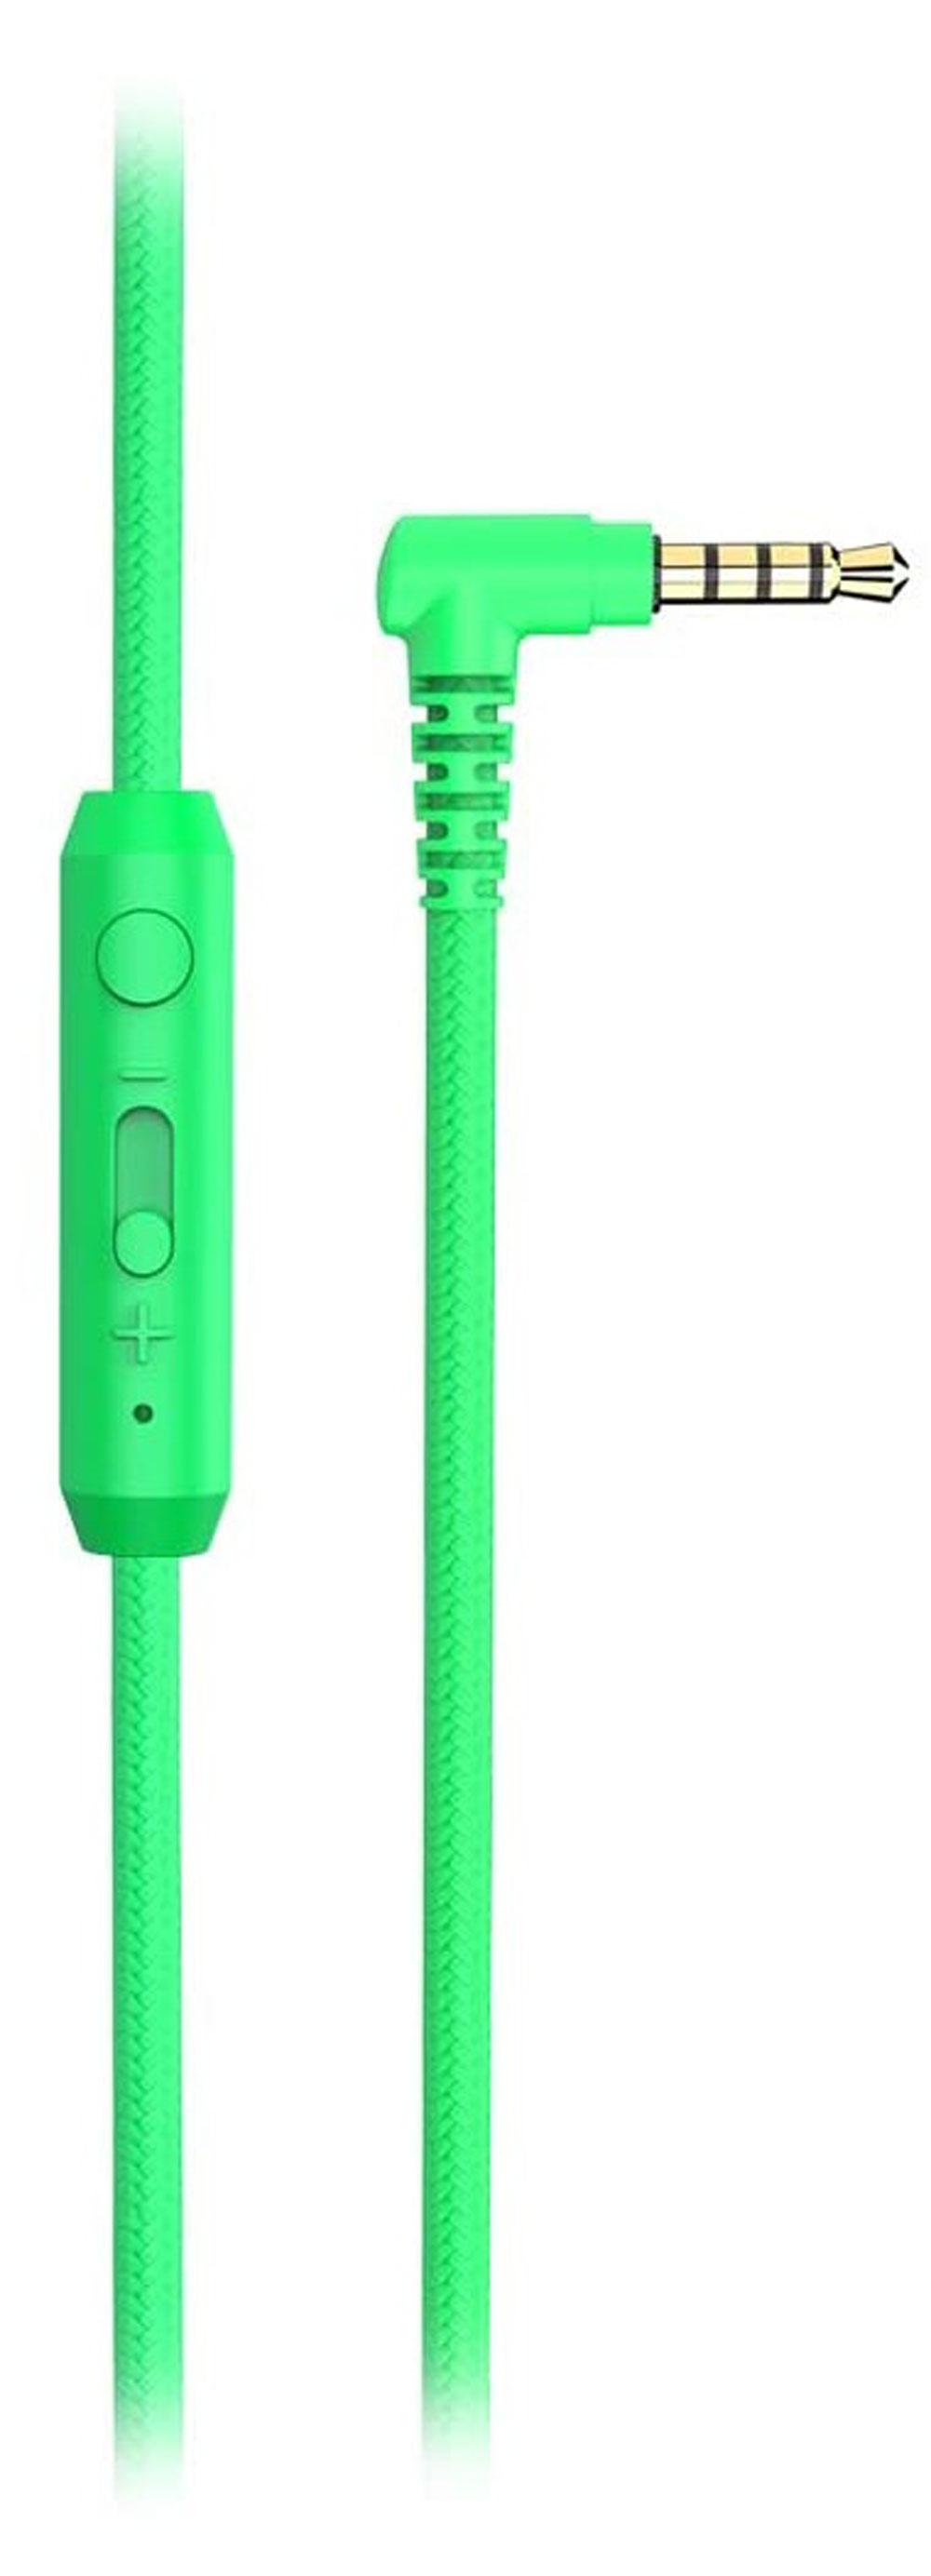 画像2: Puro Sound Labsから、子供の耳を守る音量制限機能付きヘッドホン「PuroBasic」が発売。4色のパステル―カラー仕上げ